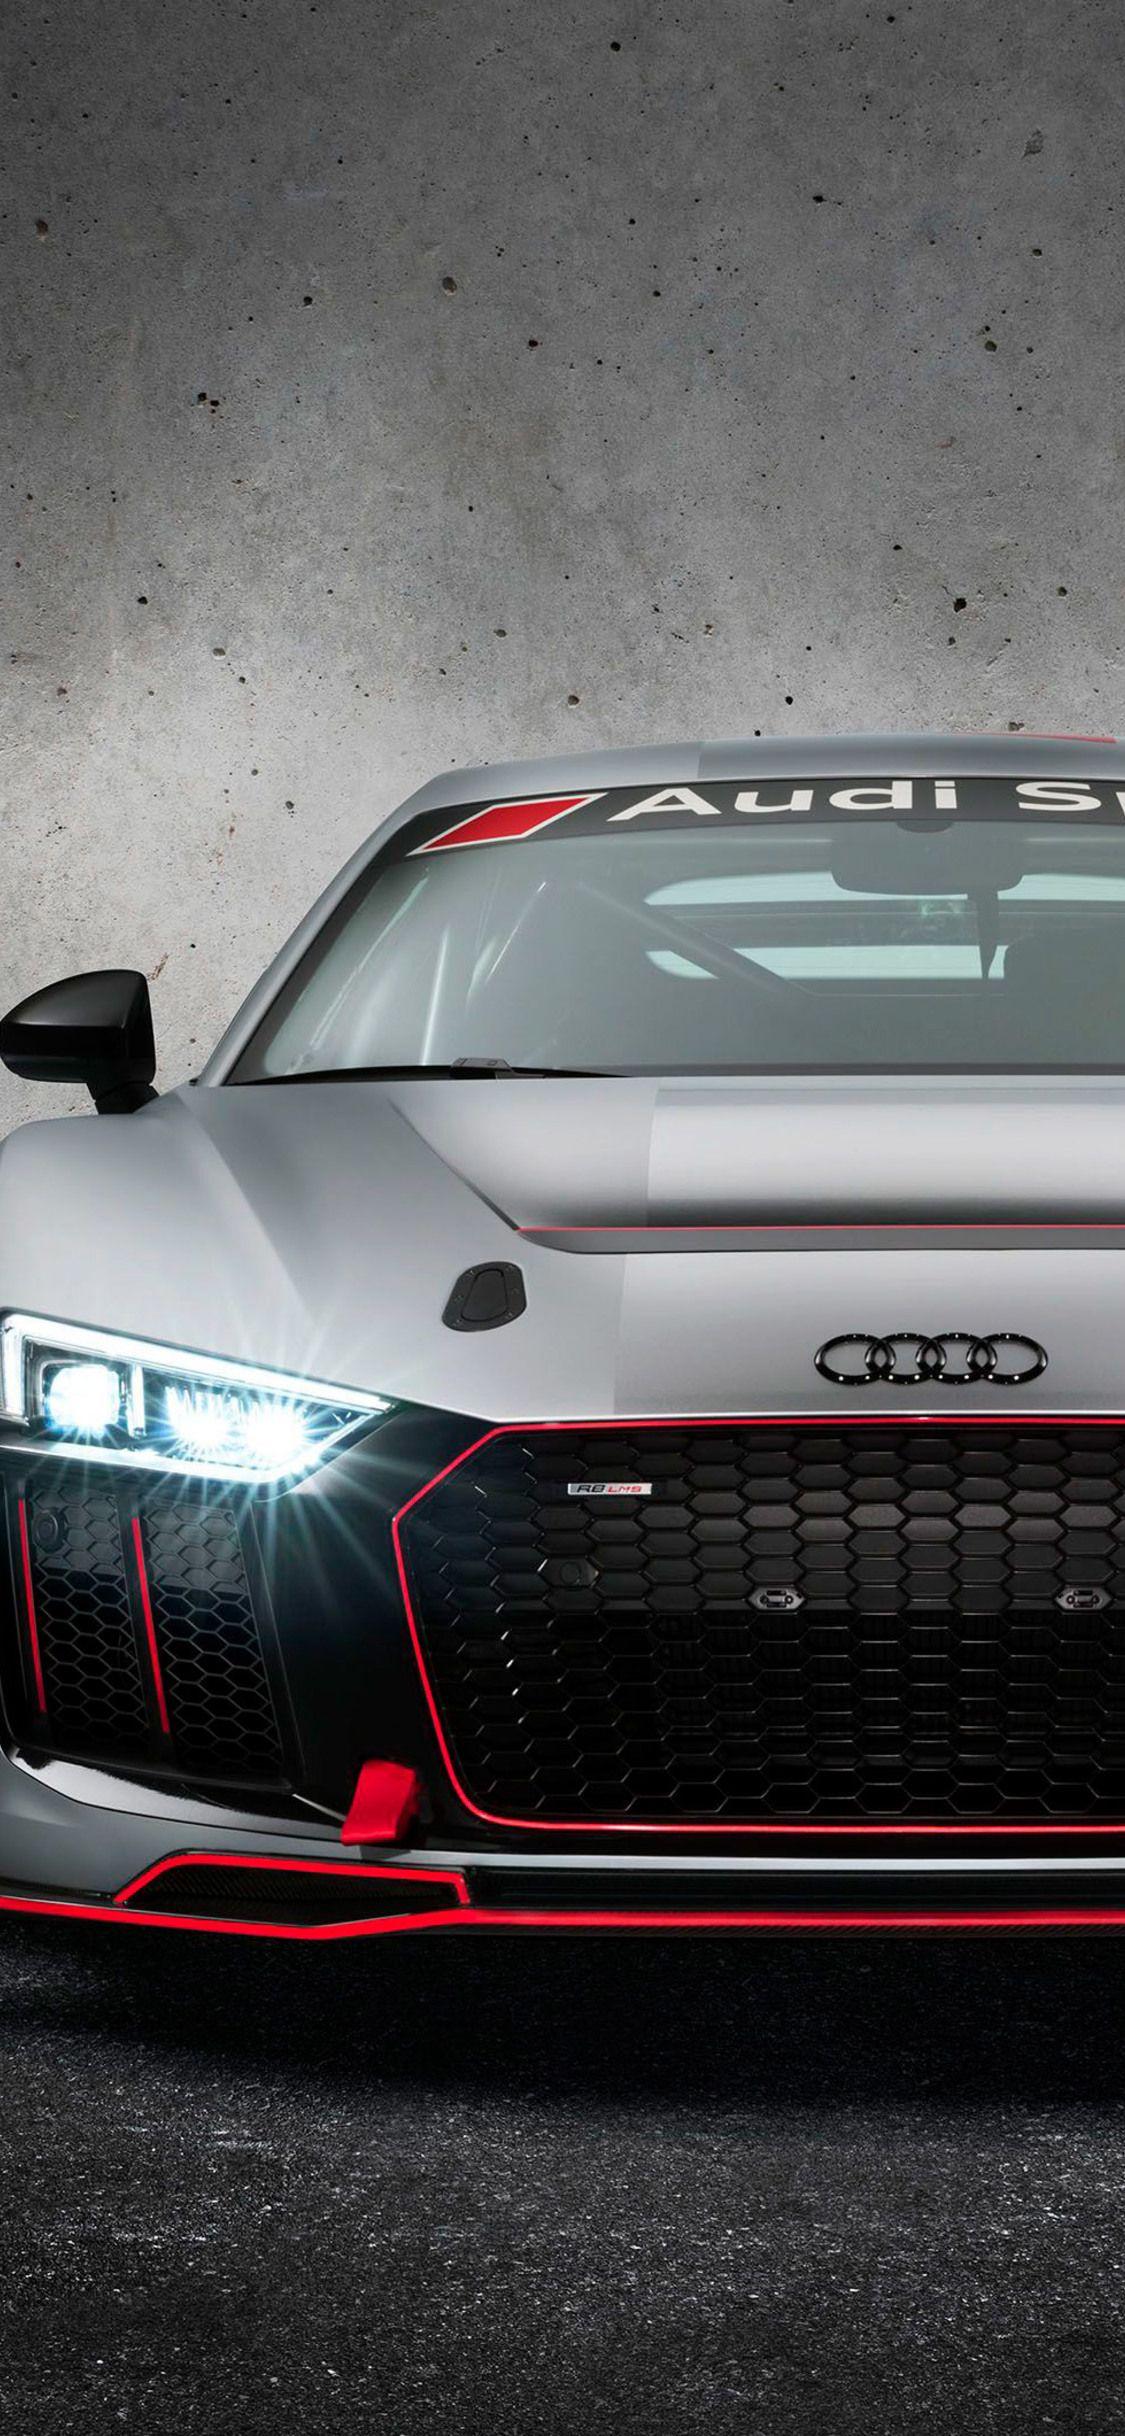 Audi R8 Lms Gt4 Wallpaper Phone in 2020 Audi r8